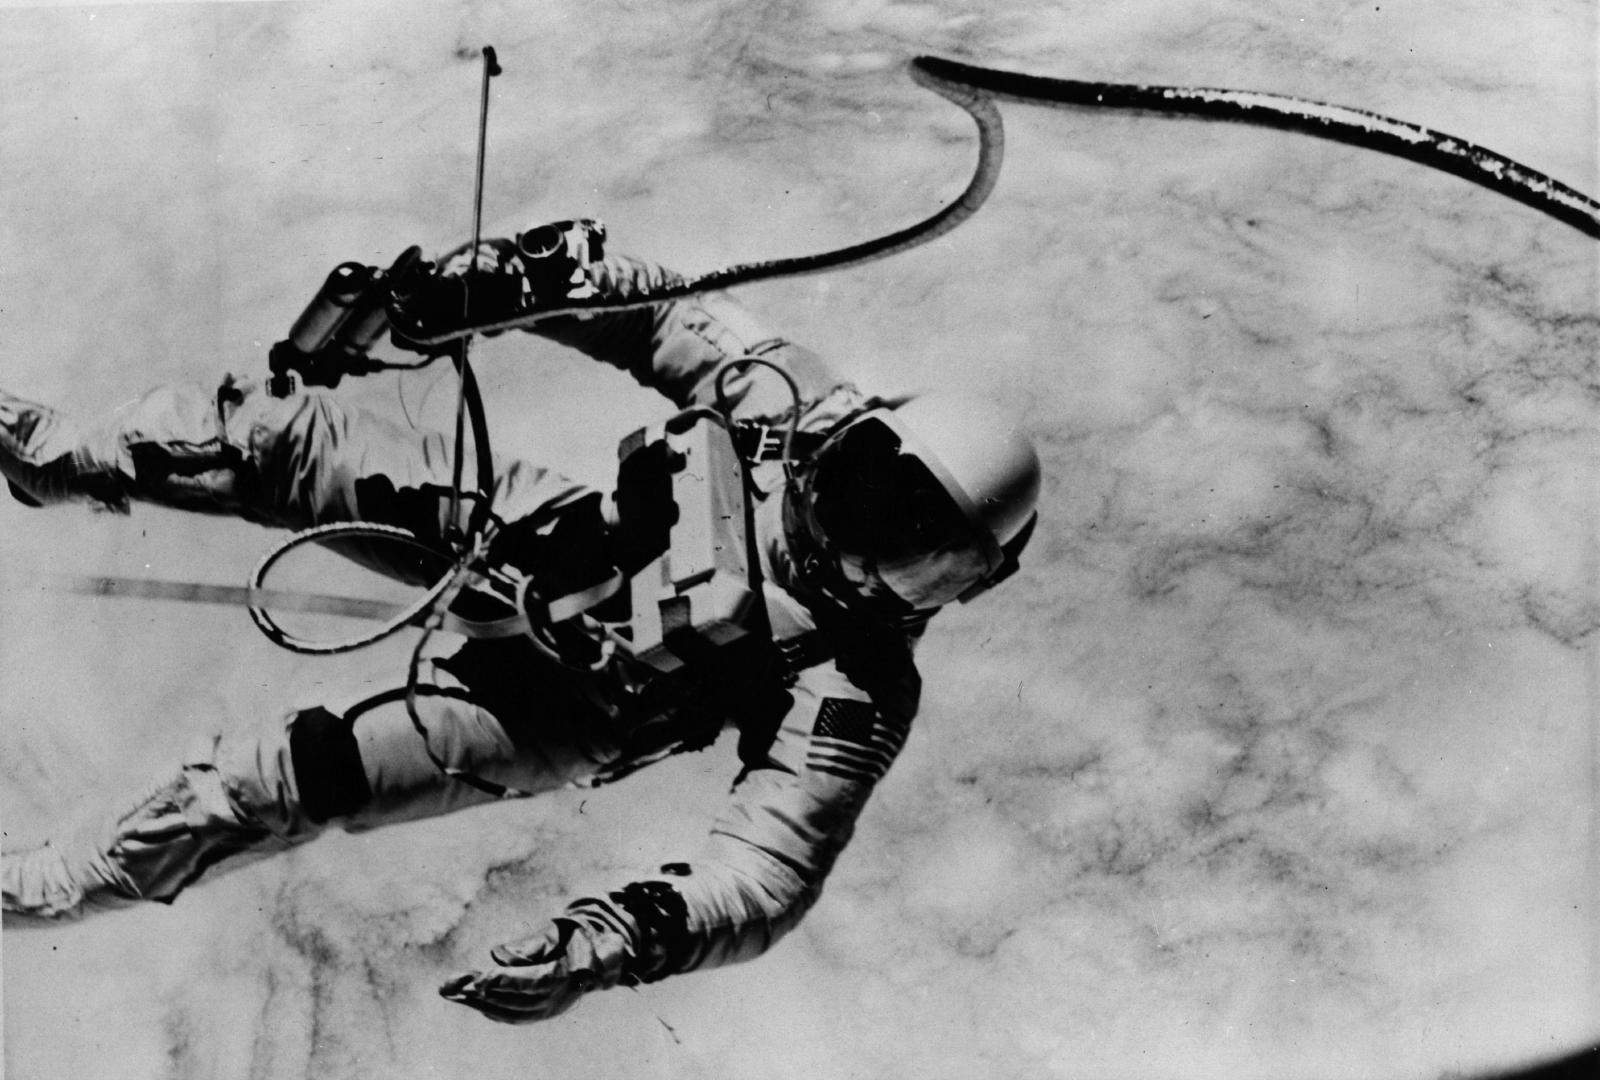 Ed White astronaut